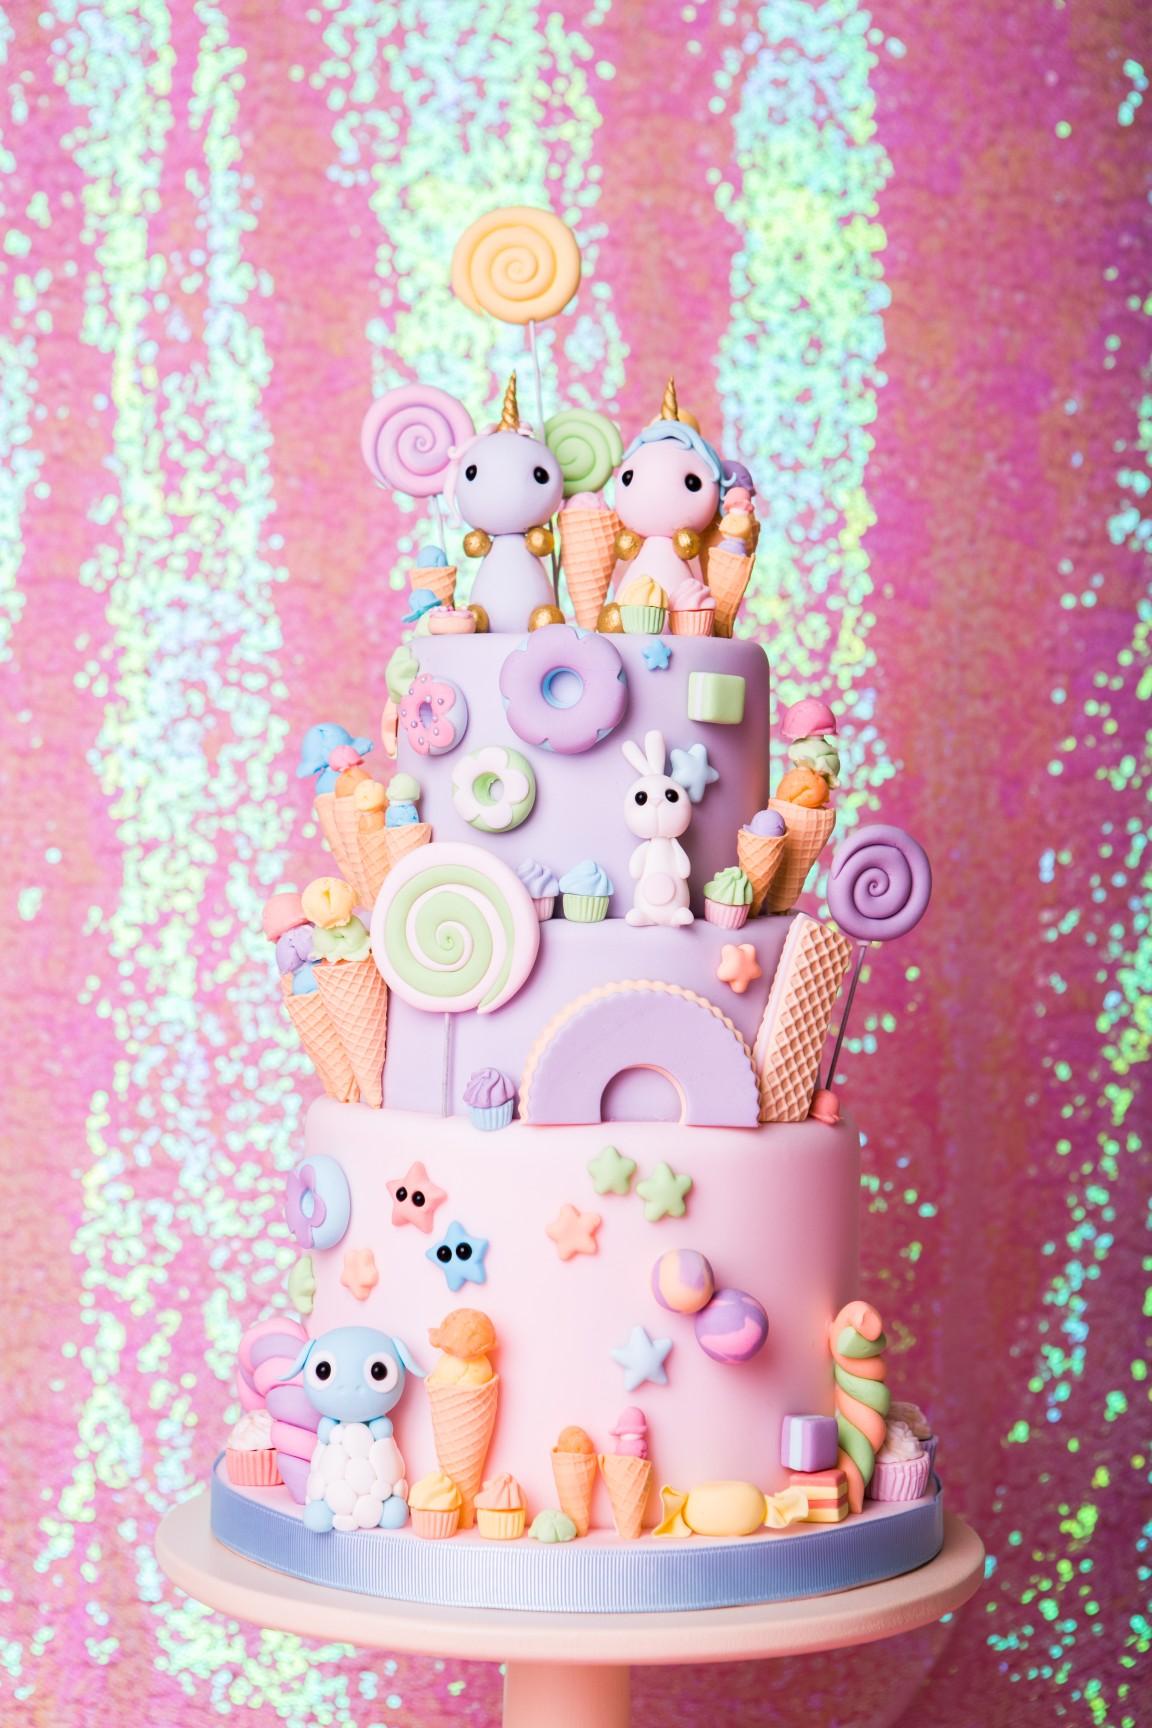 Tiny Sarah's Cakes - vegan wedding cakes - creative wedding cake - unique wedding cakes - alternative wedding cake 3 (2)